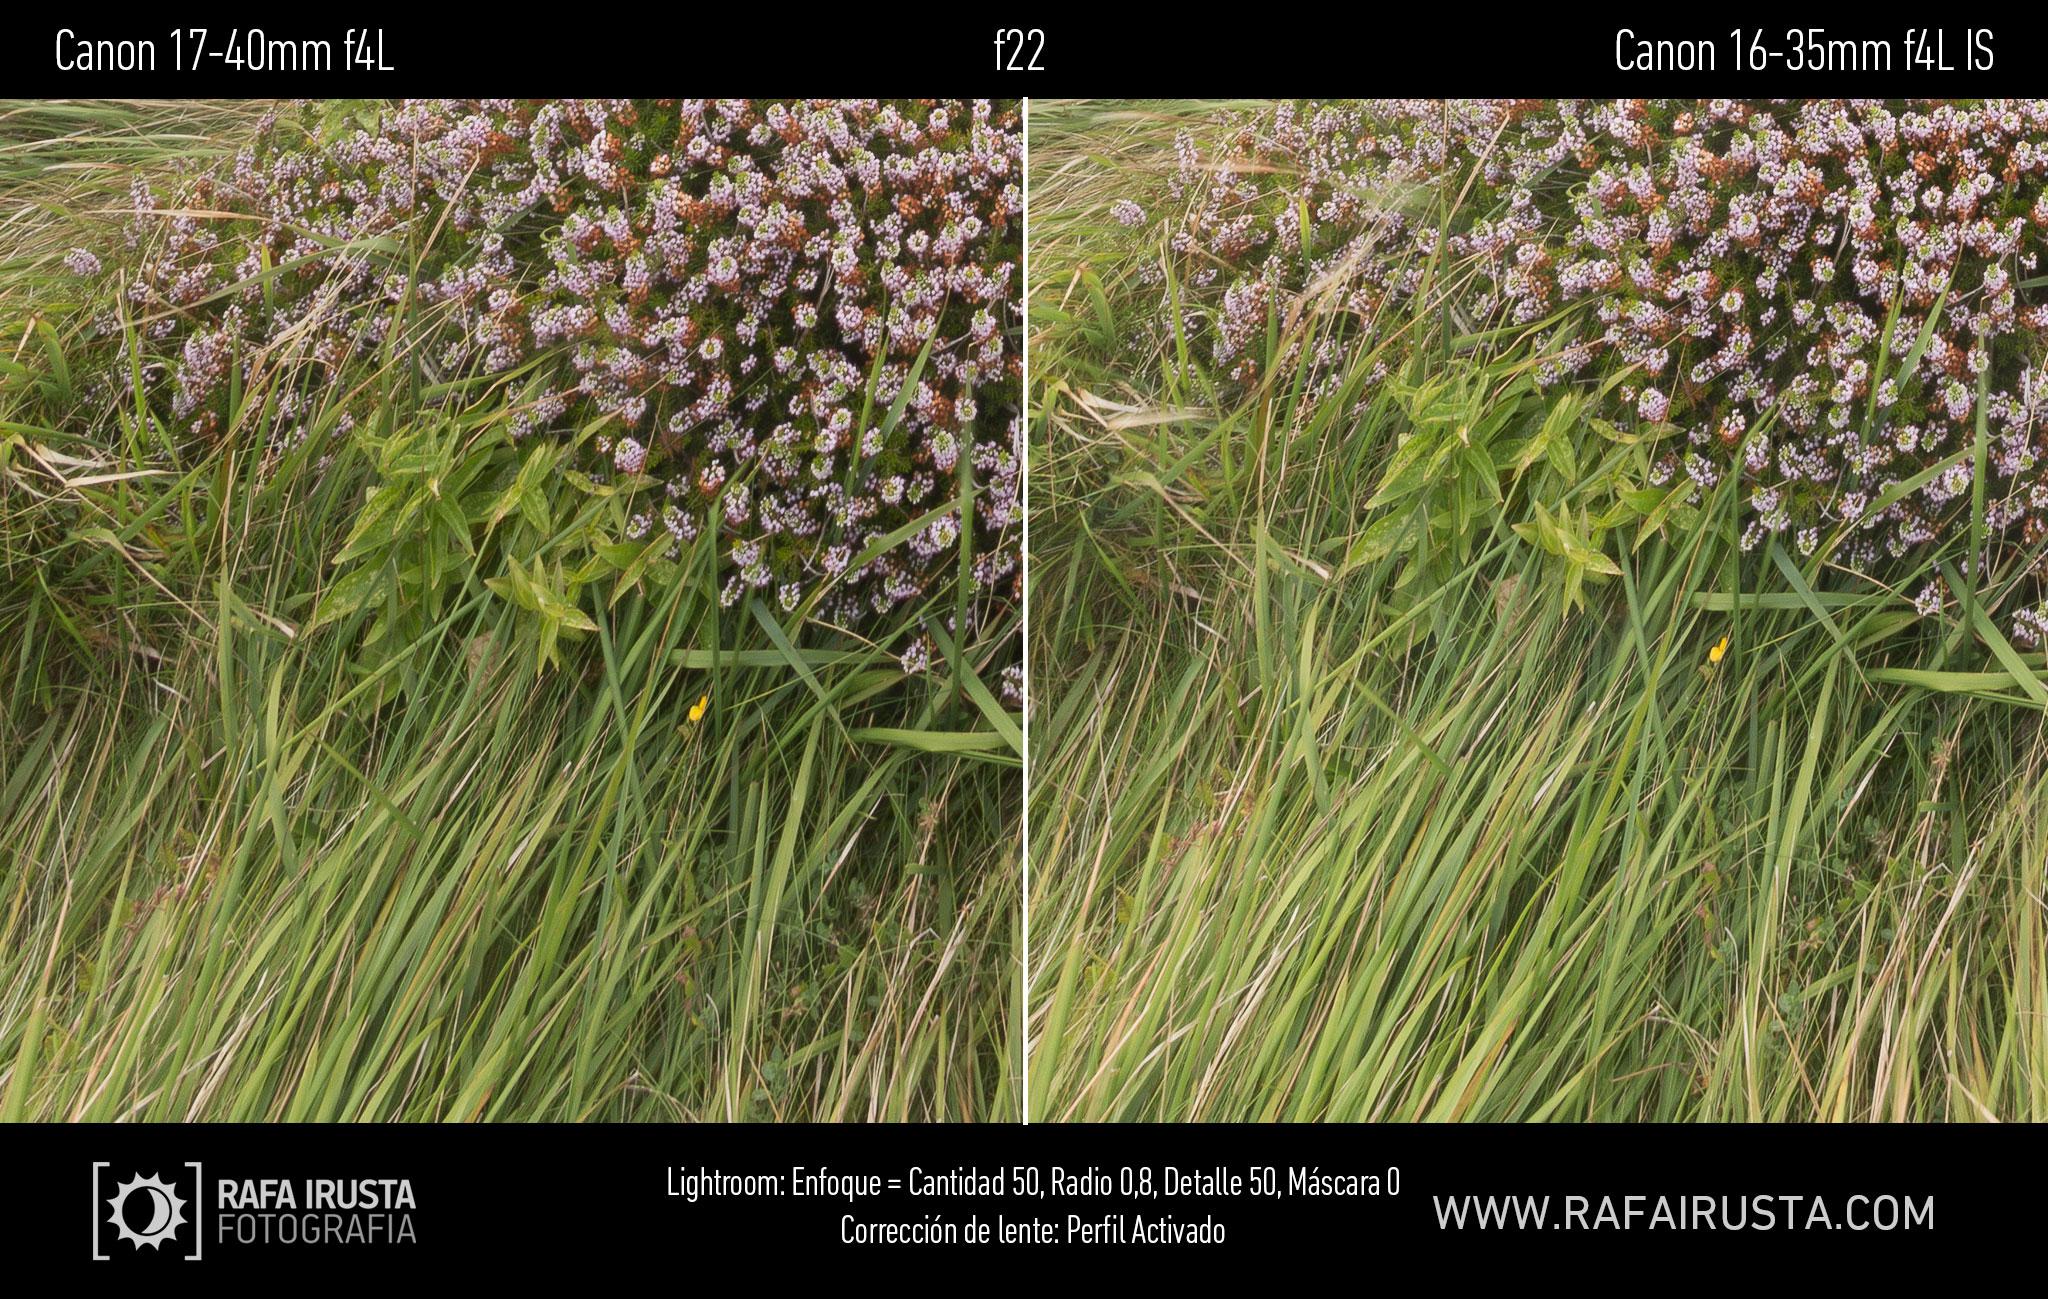 Prueba Canon 16-35mm f/4L IS, comparativa 17-40 vs 16-35 con enfoque y con ajuste de perfil, f22